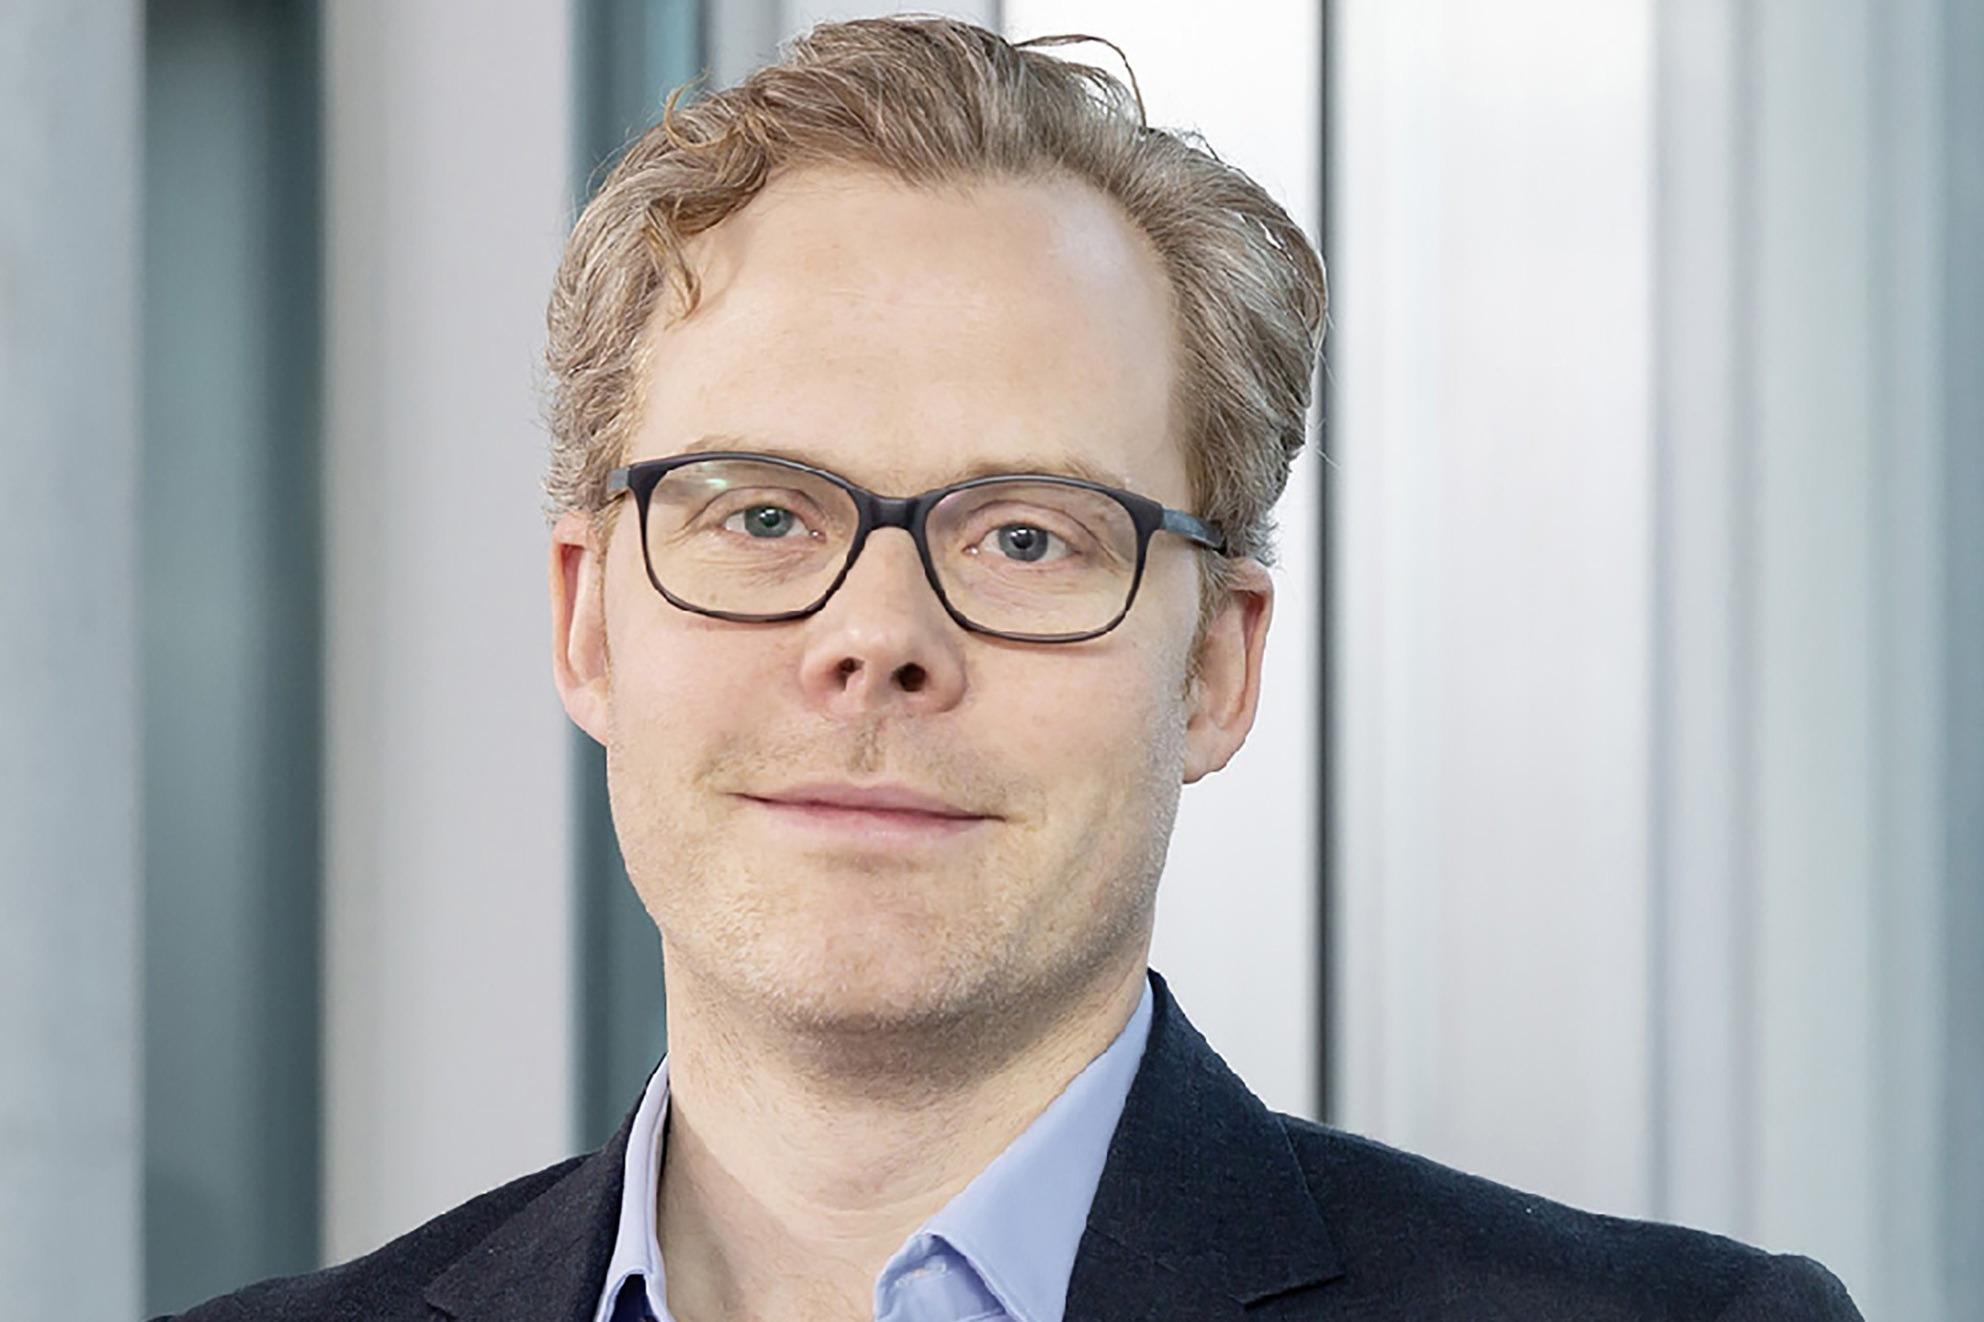 Neuzugang in der Geschäftsführung von ATP-Berlin: Niklas Veelken.<br><span class='image_copyright'>ATP/Rauschmeir</span><br>